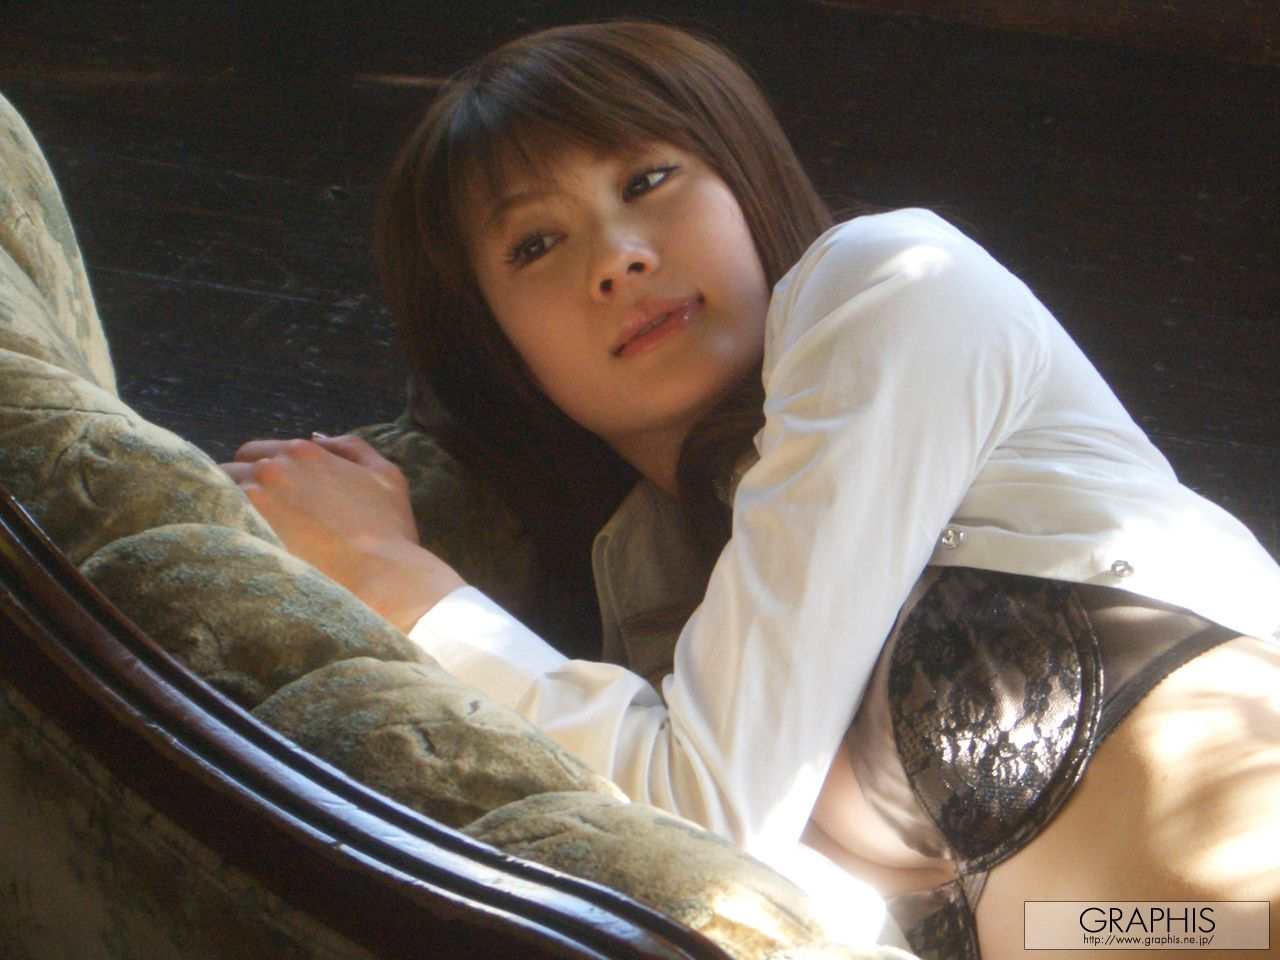 桐原エリカ 画像 94